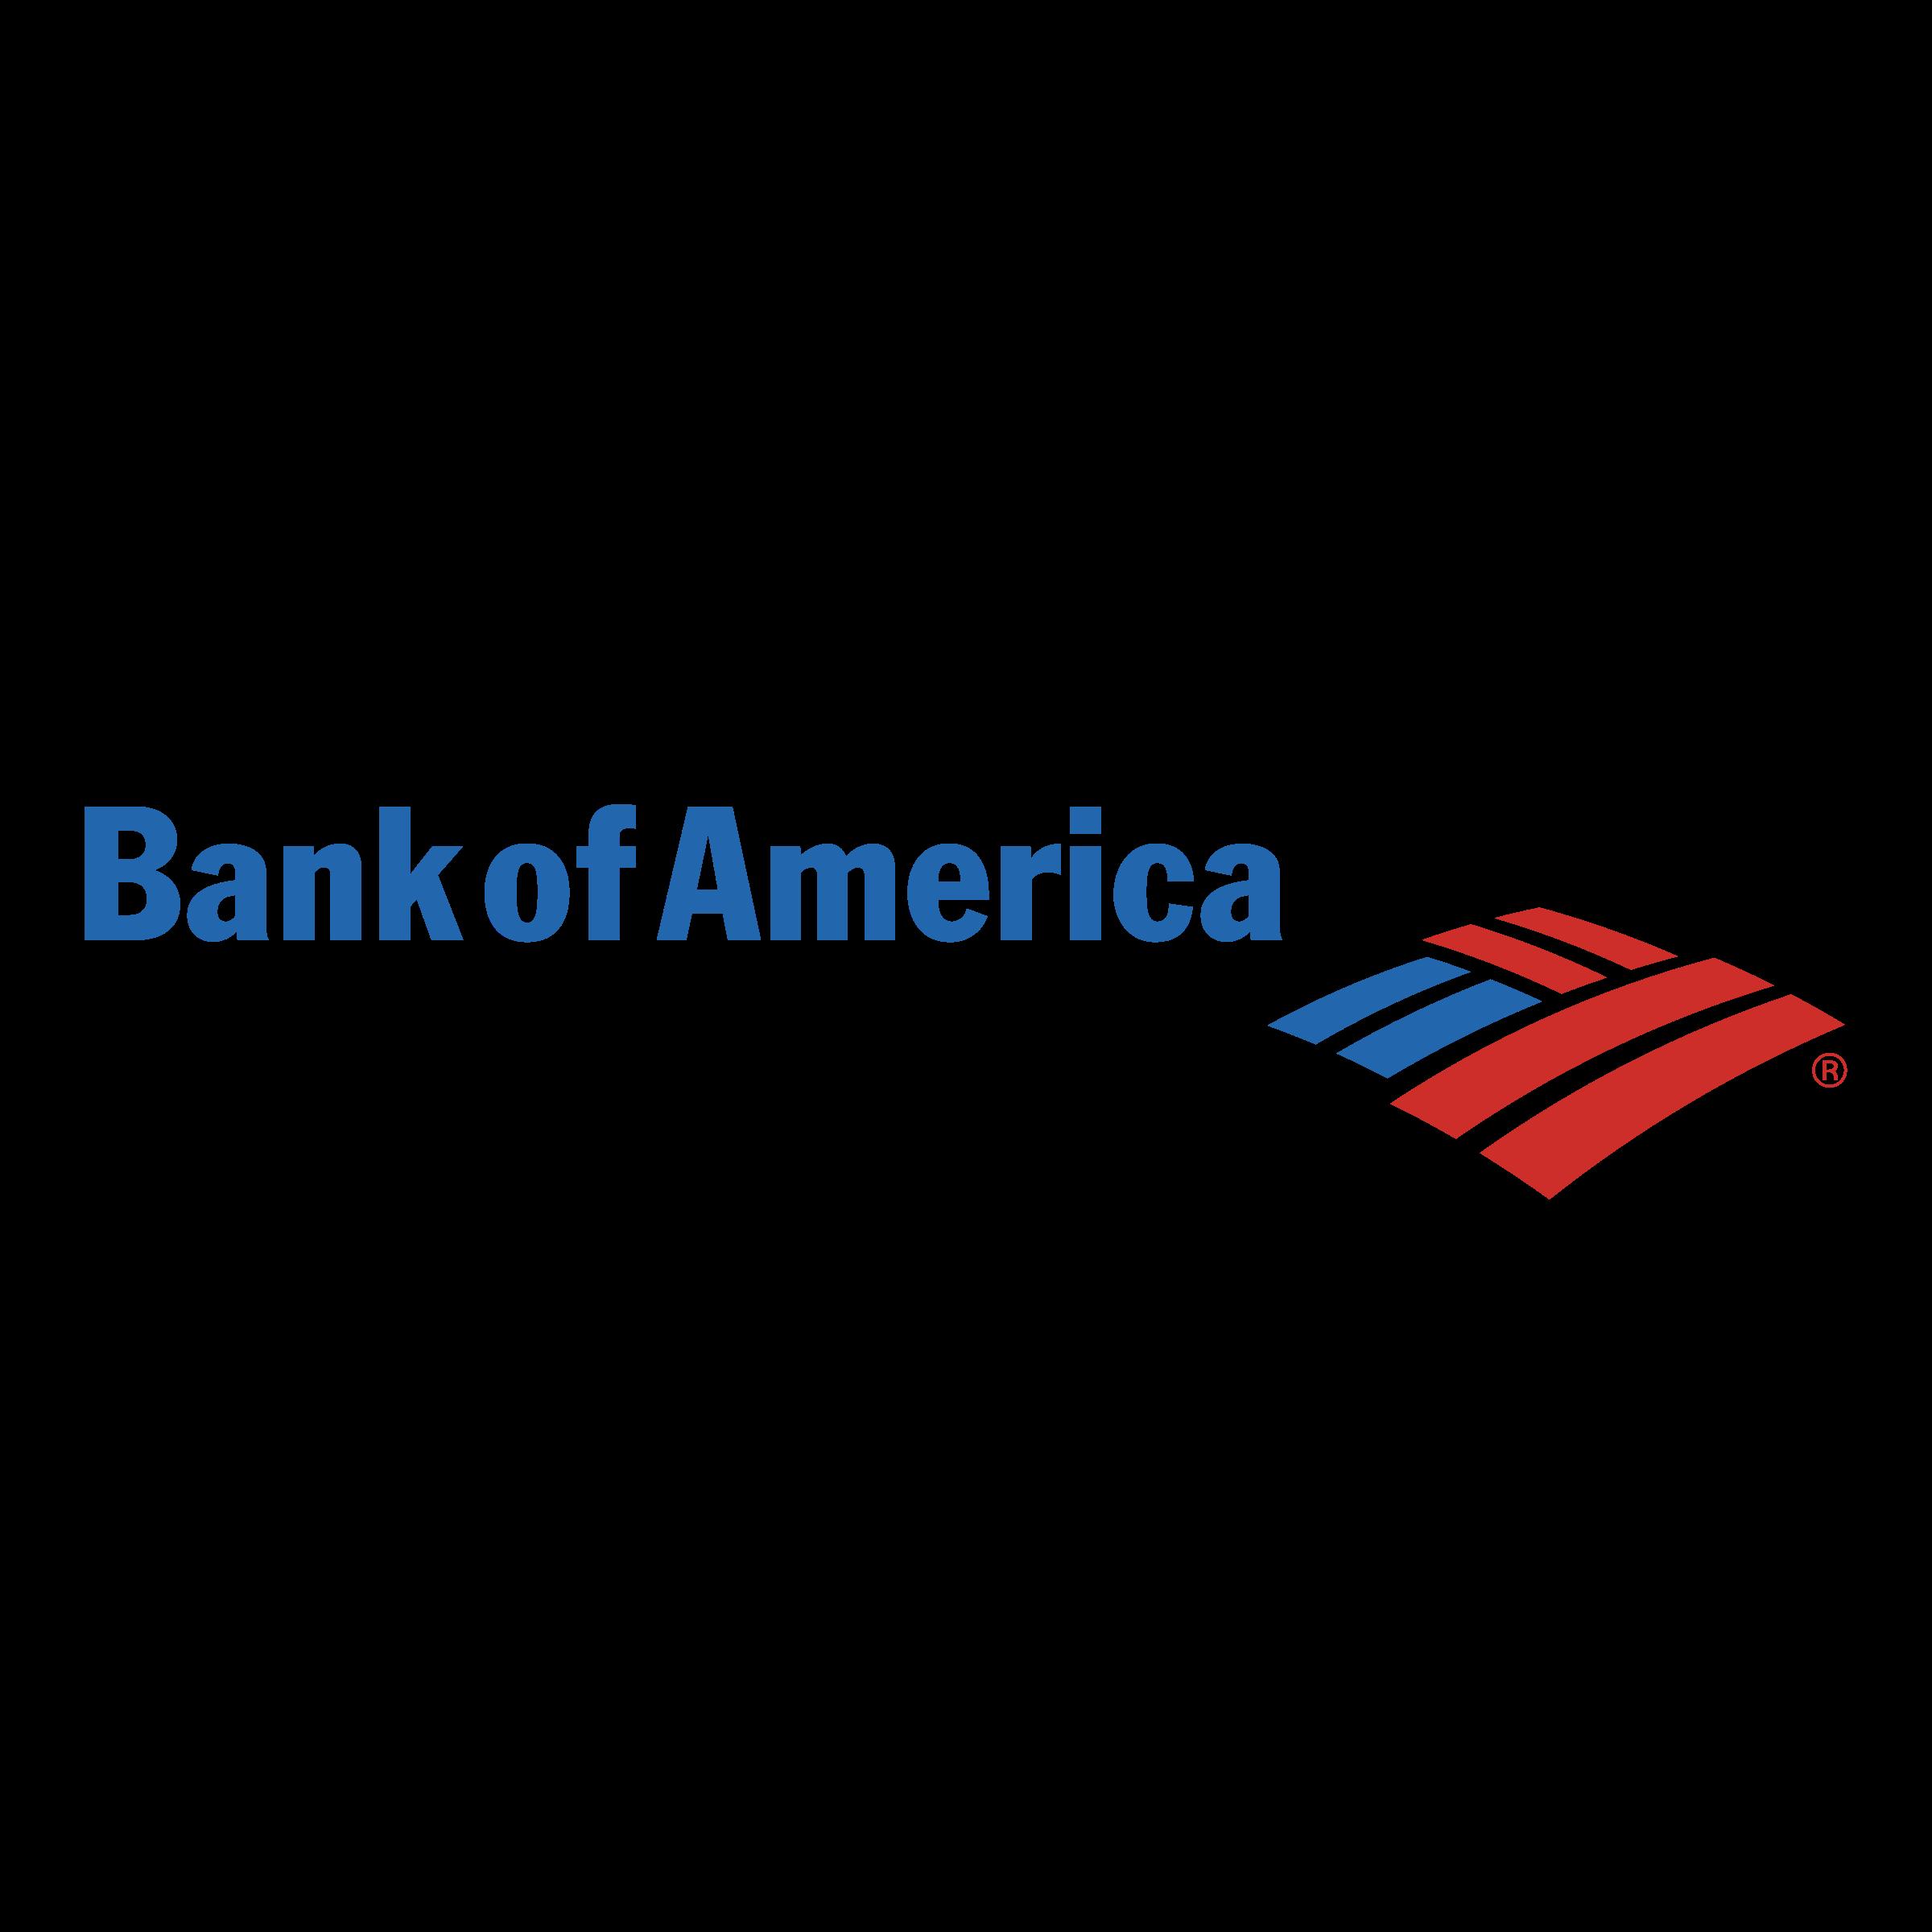 Logo ngân hàng Mỹ